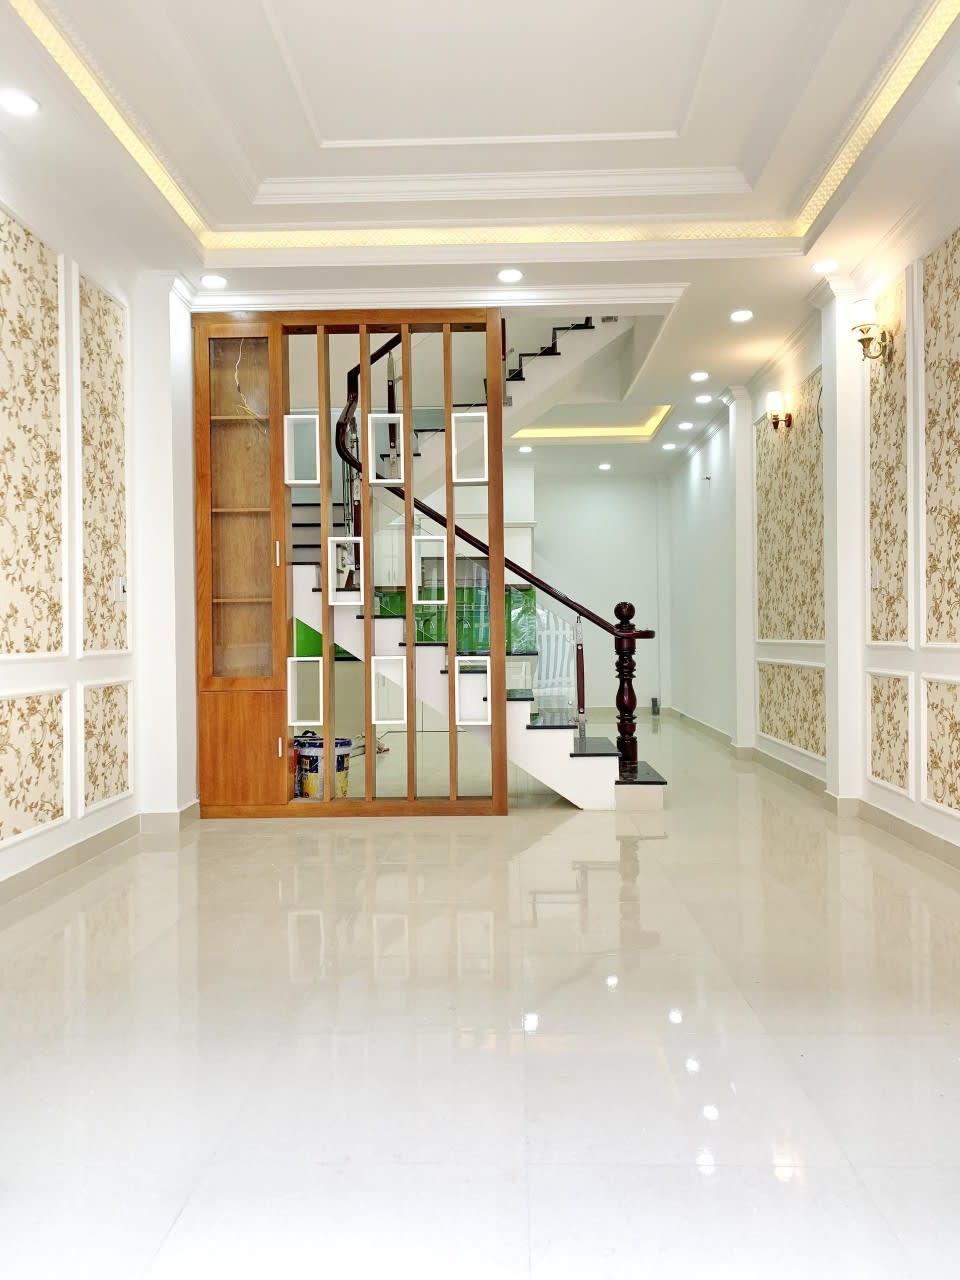 Bán Nhà Quận 7 Hẻm 88 Nguyễn Văn Quỳ, Mới Đẹp Hoàn Thiện